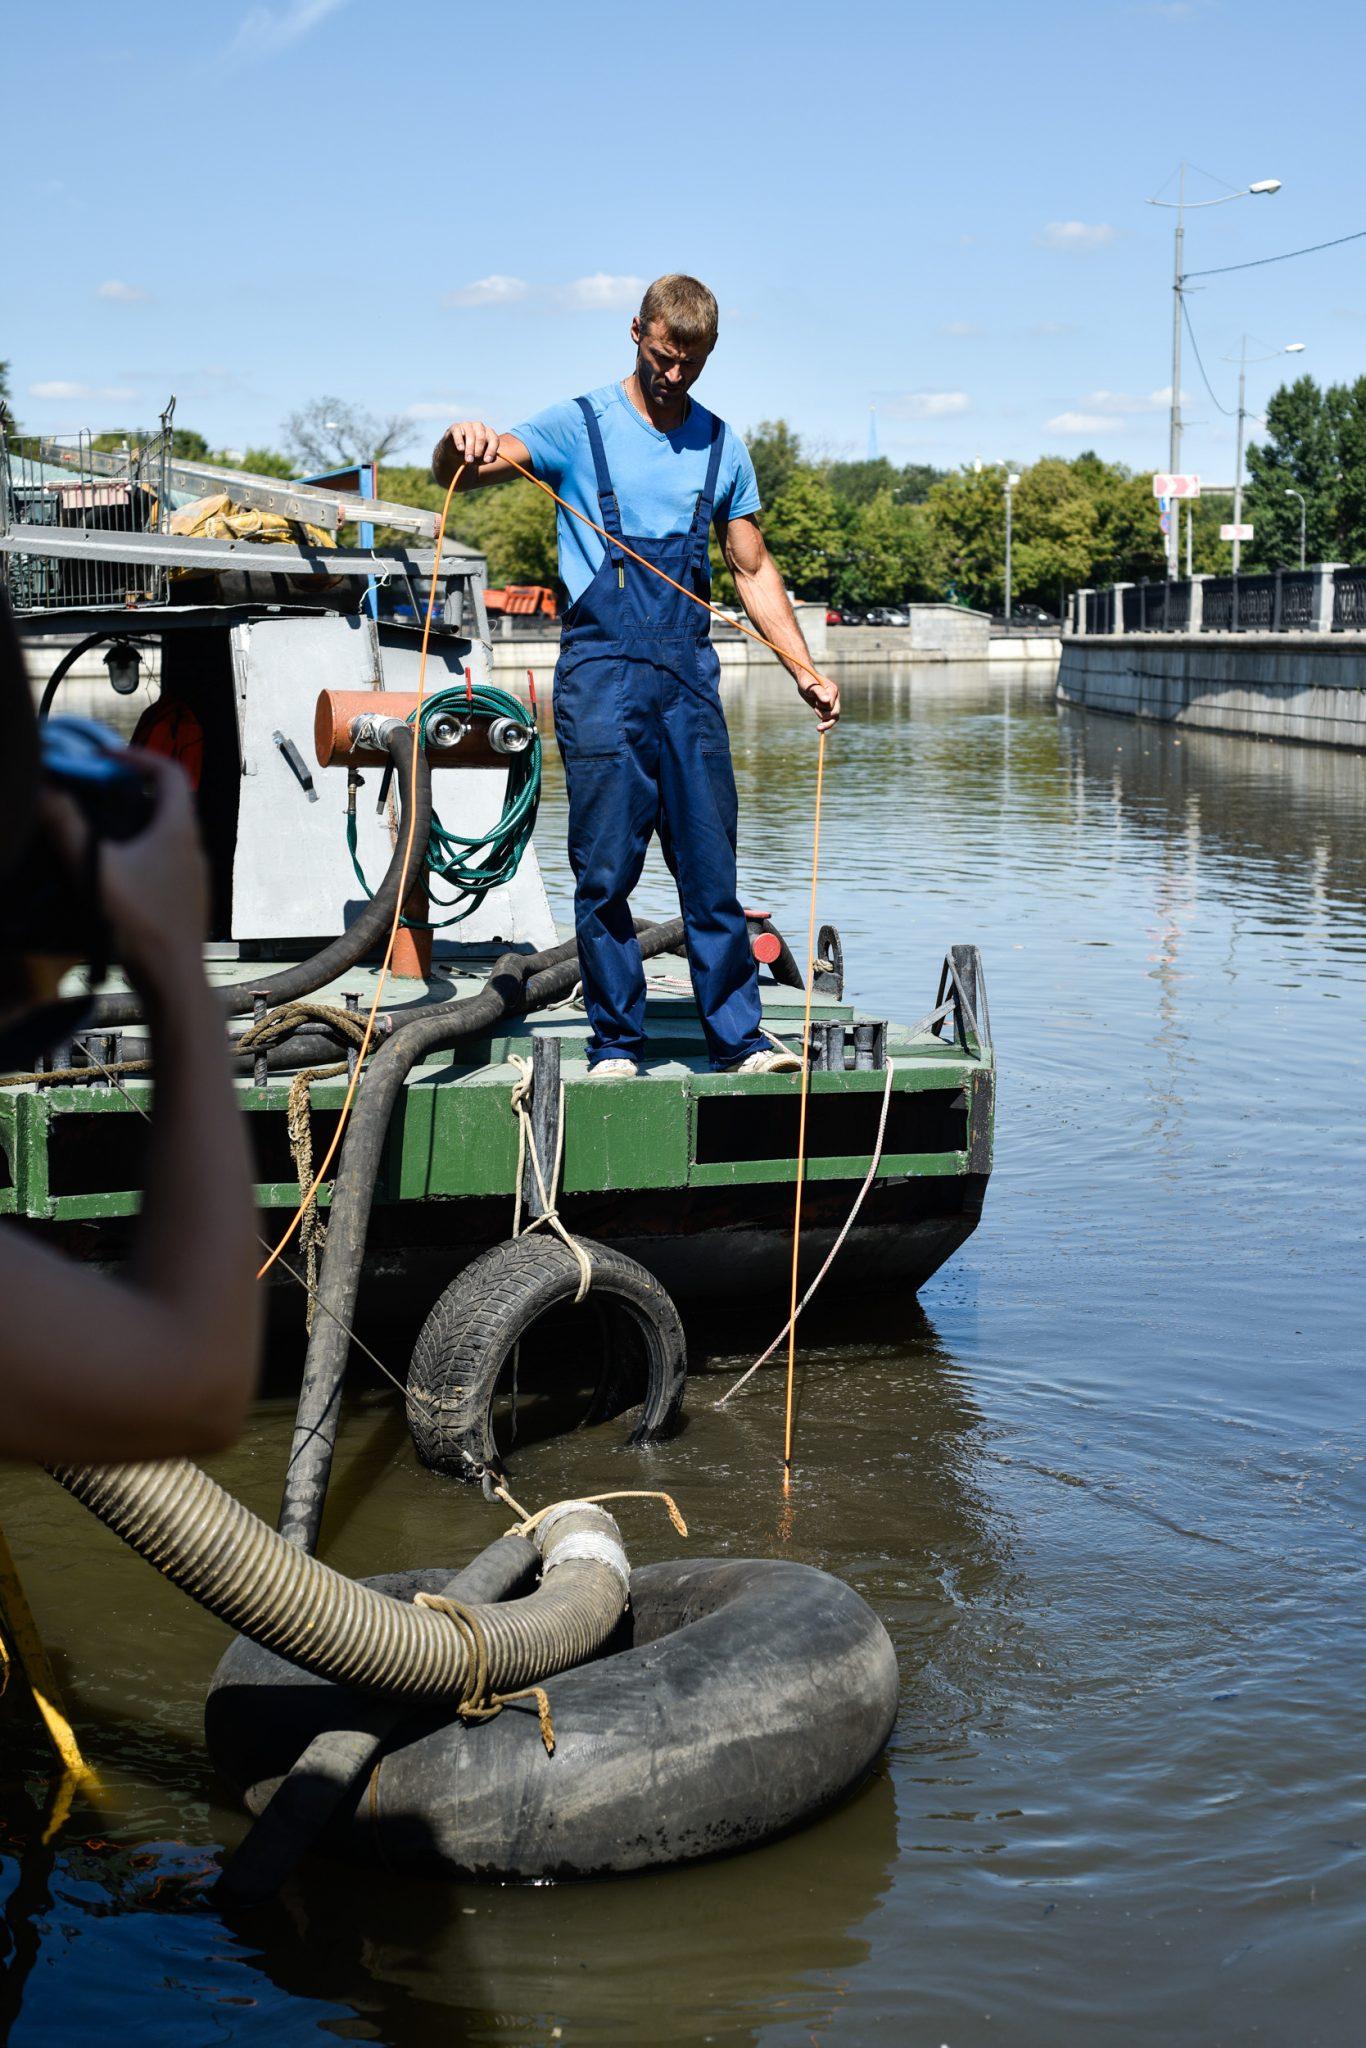 Чистим реку. Три десятка специальных судов убирают с поверхности воды мусор